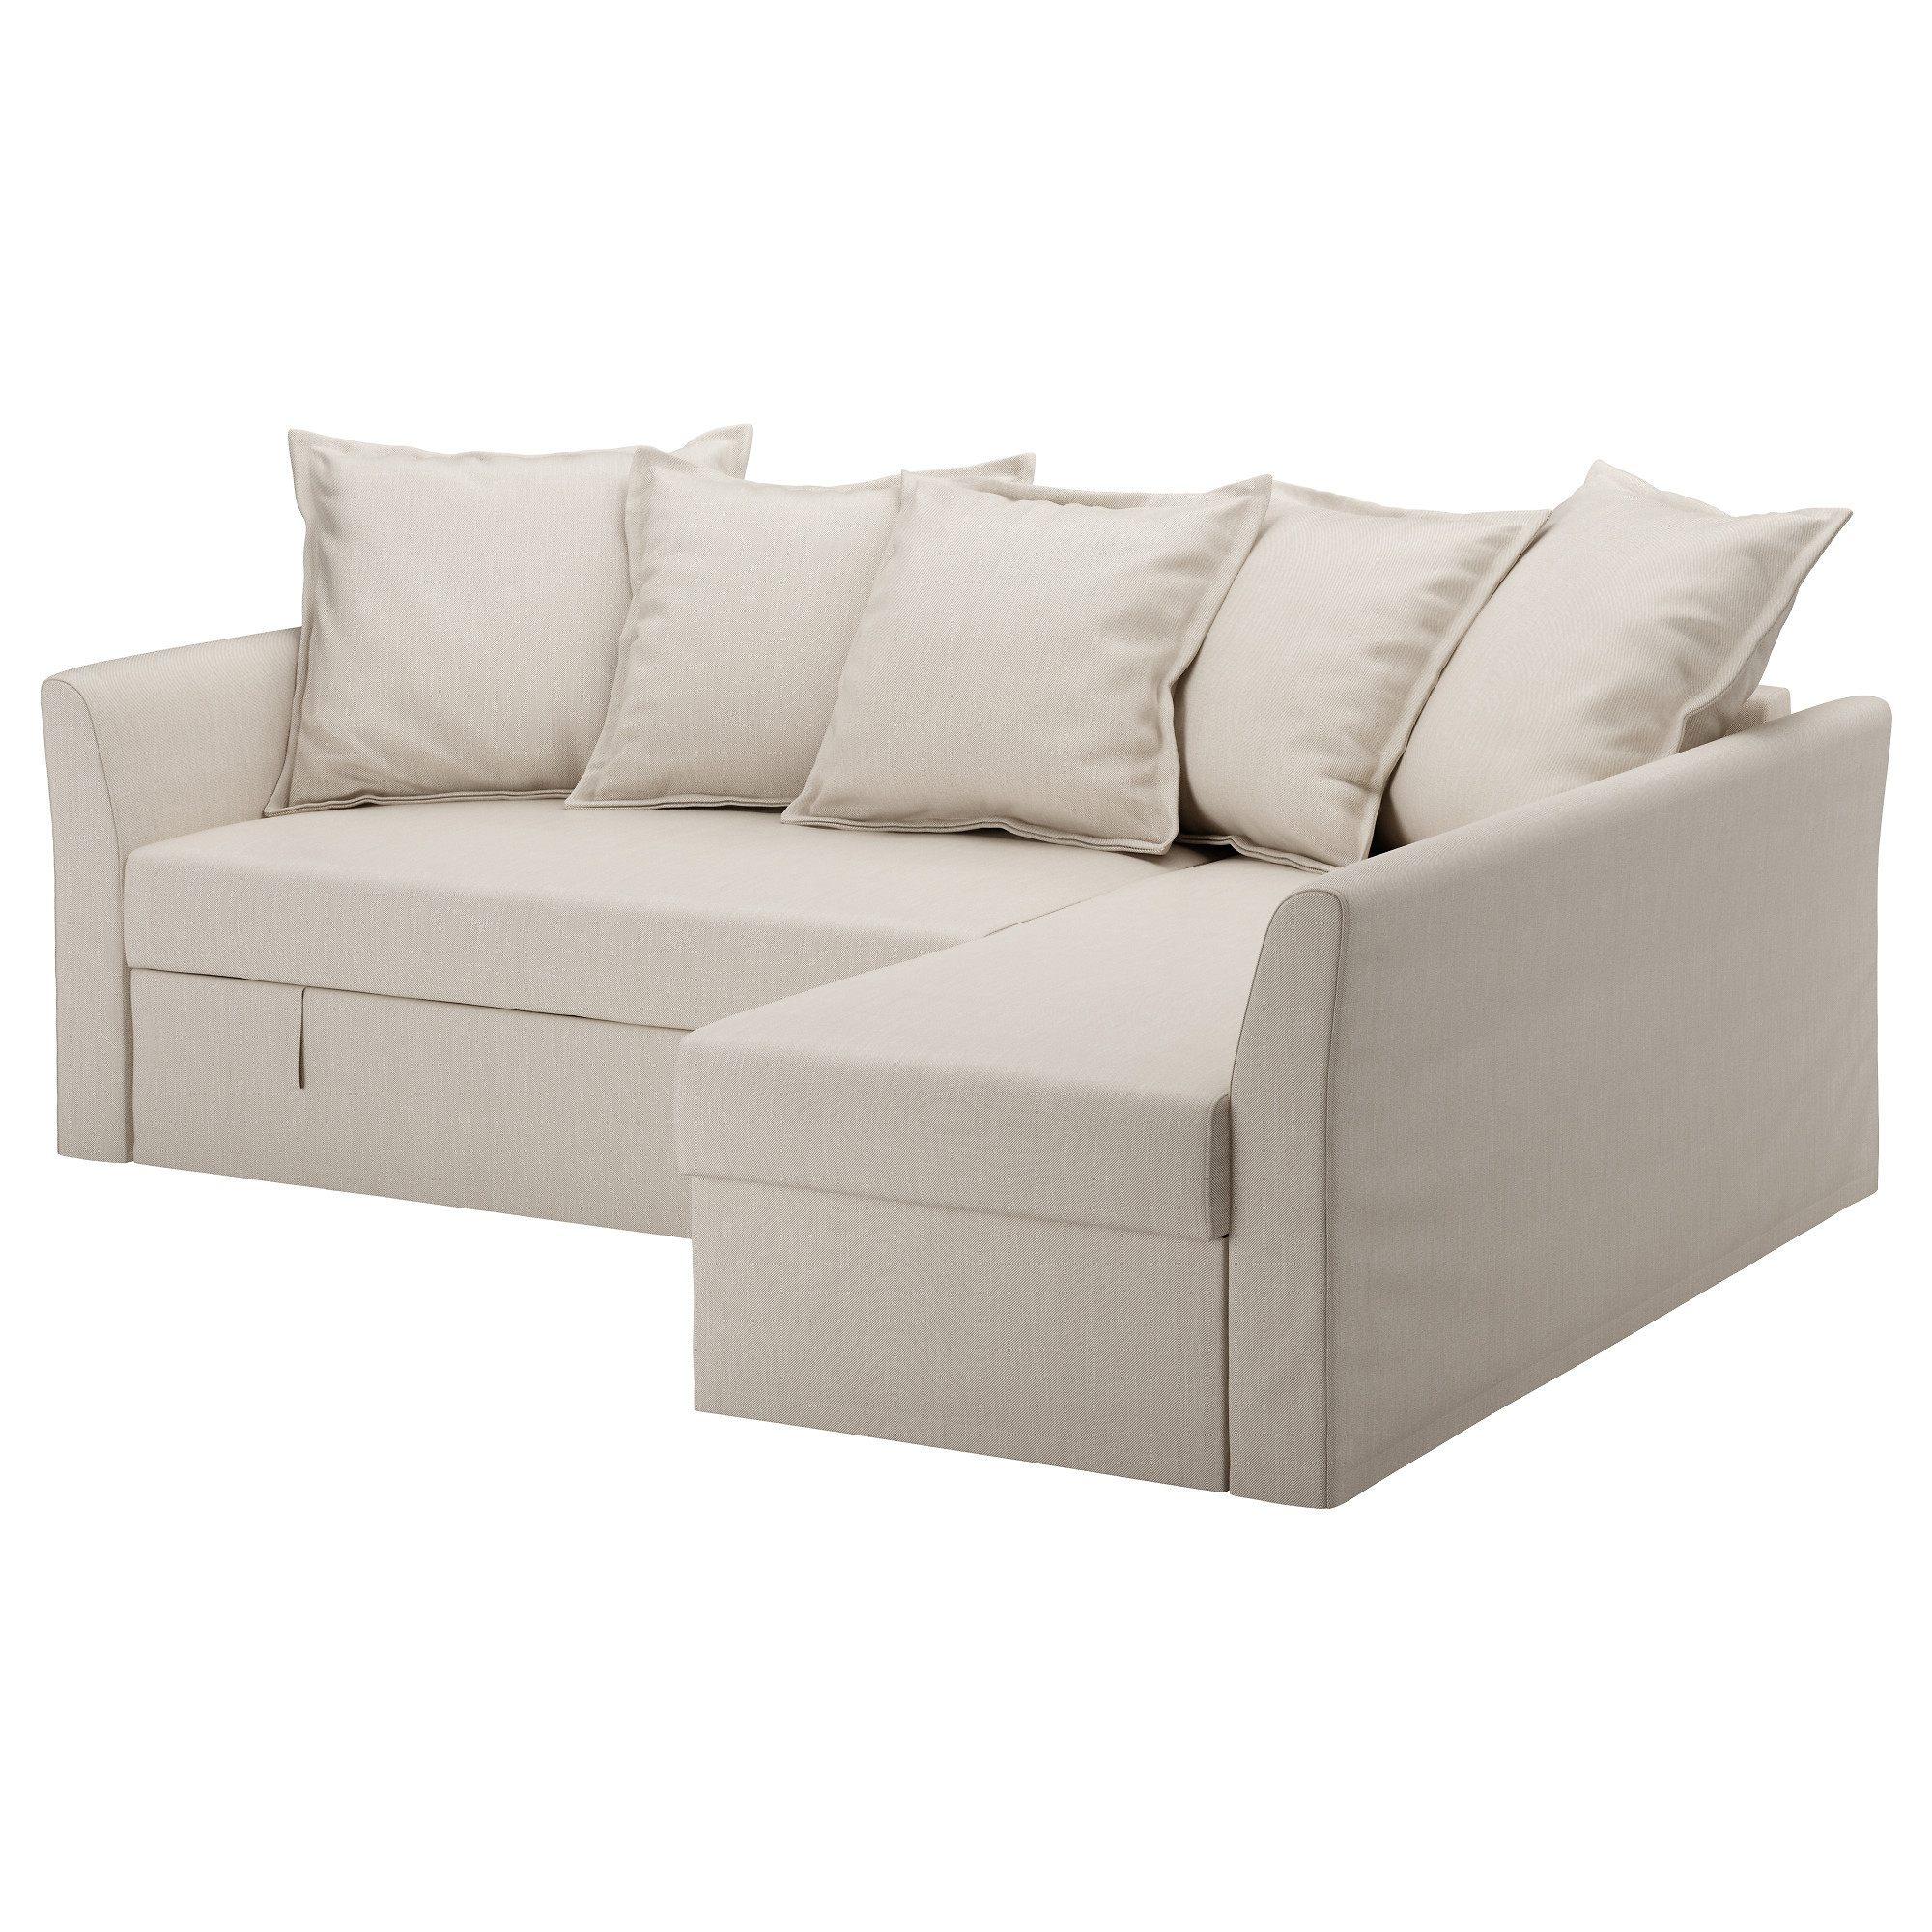 Canapé D Angle Lit Pas Cher Impressionnant Captivant Mini Canapé D Angle Ou Nouveau Canapé Angle Convertible